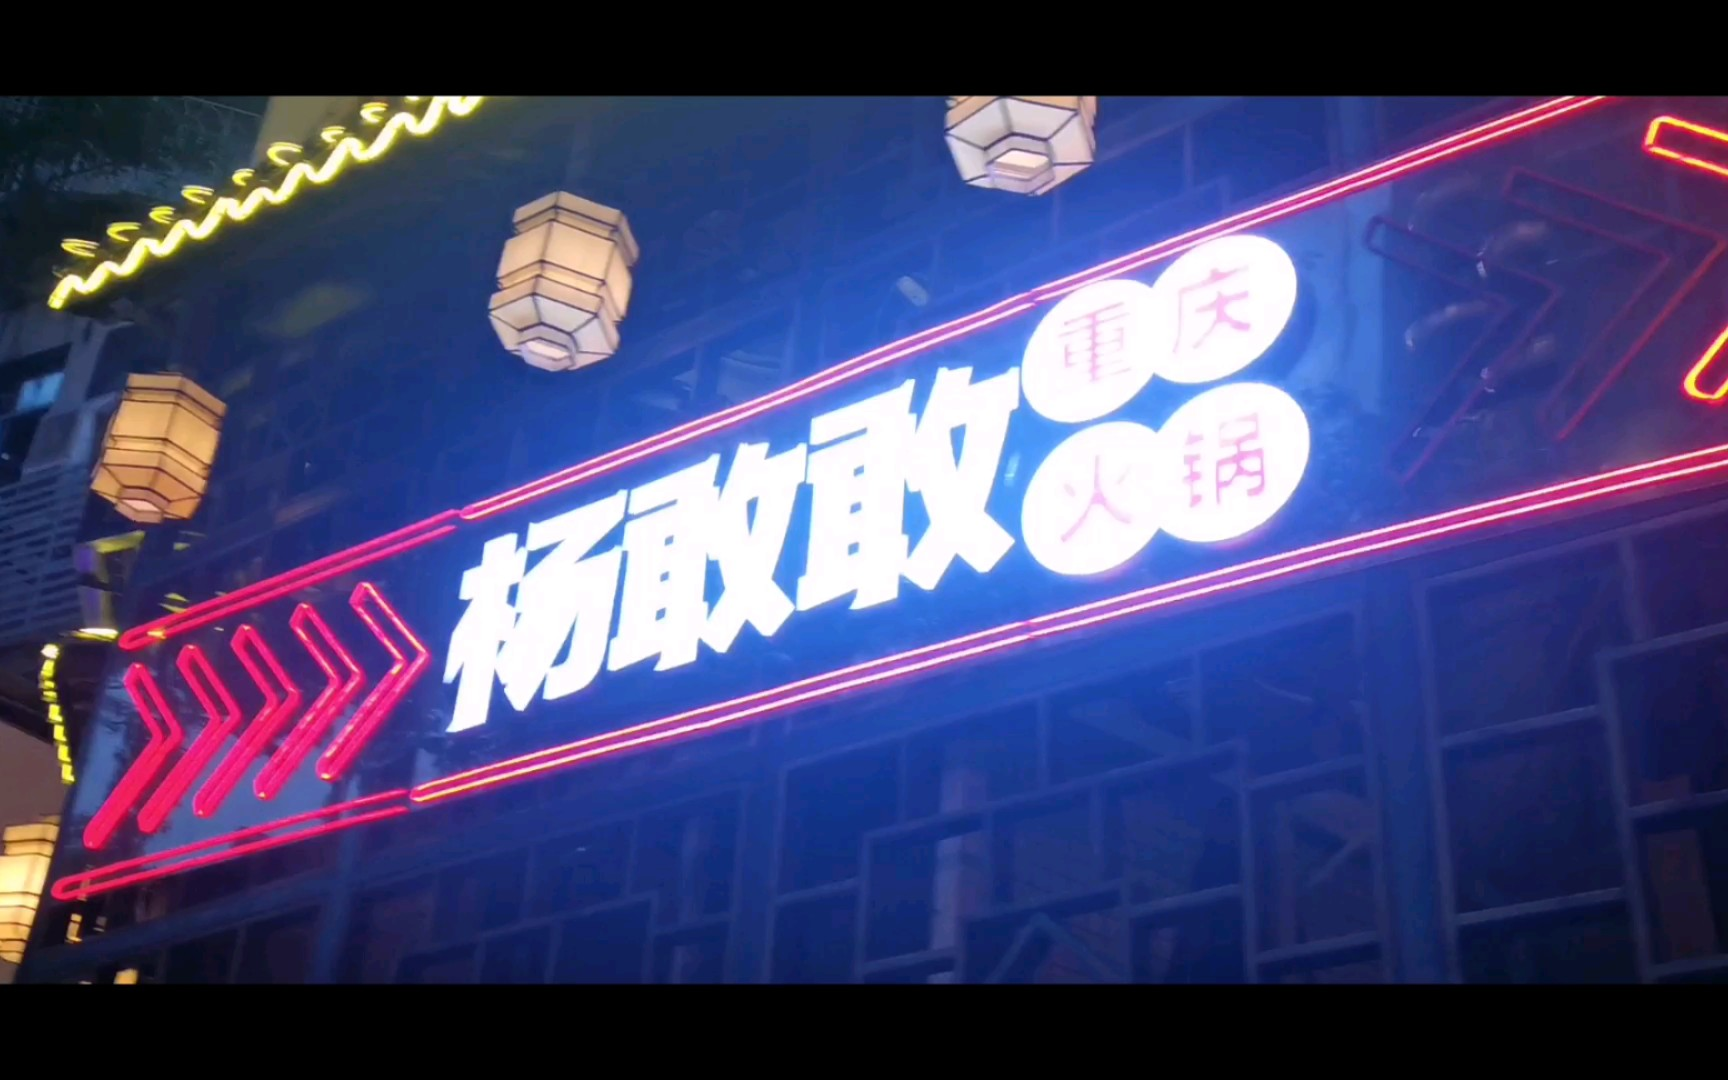 论重庆的火锅行业竞争有多激烈